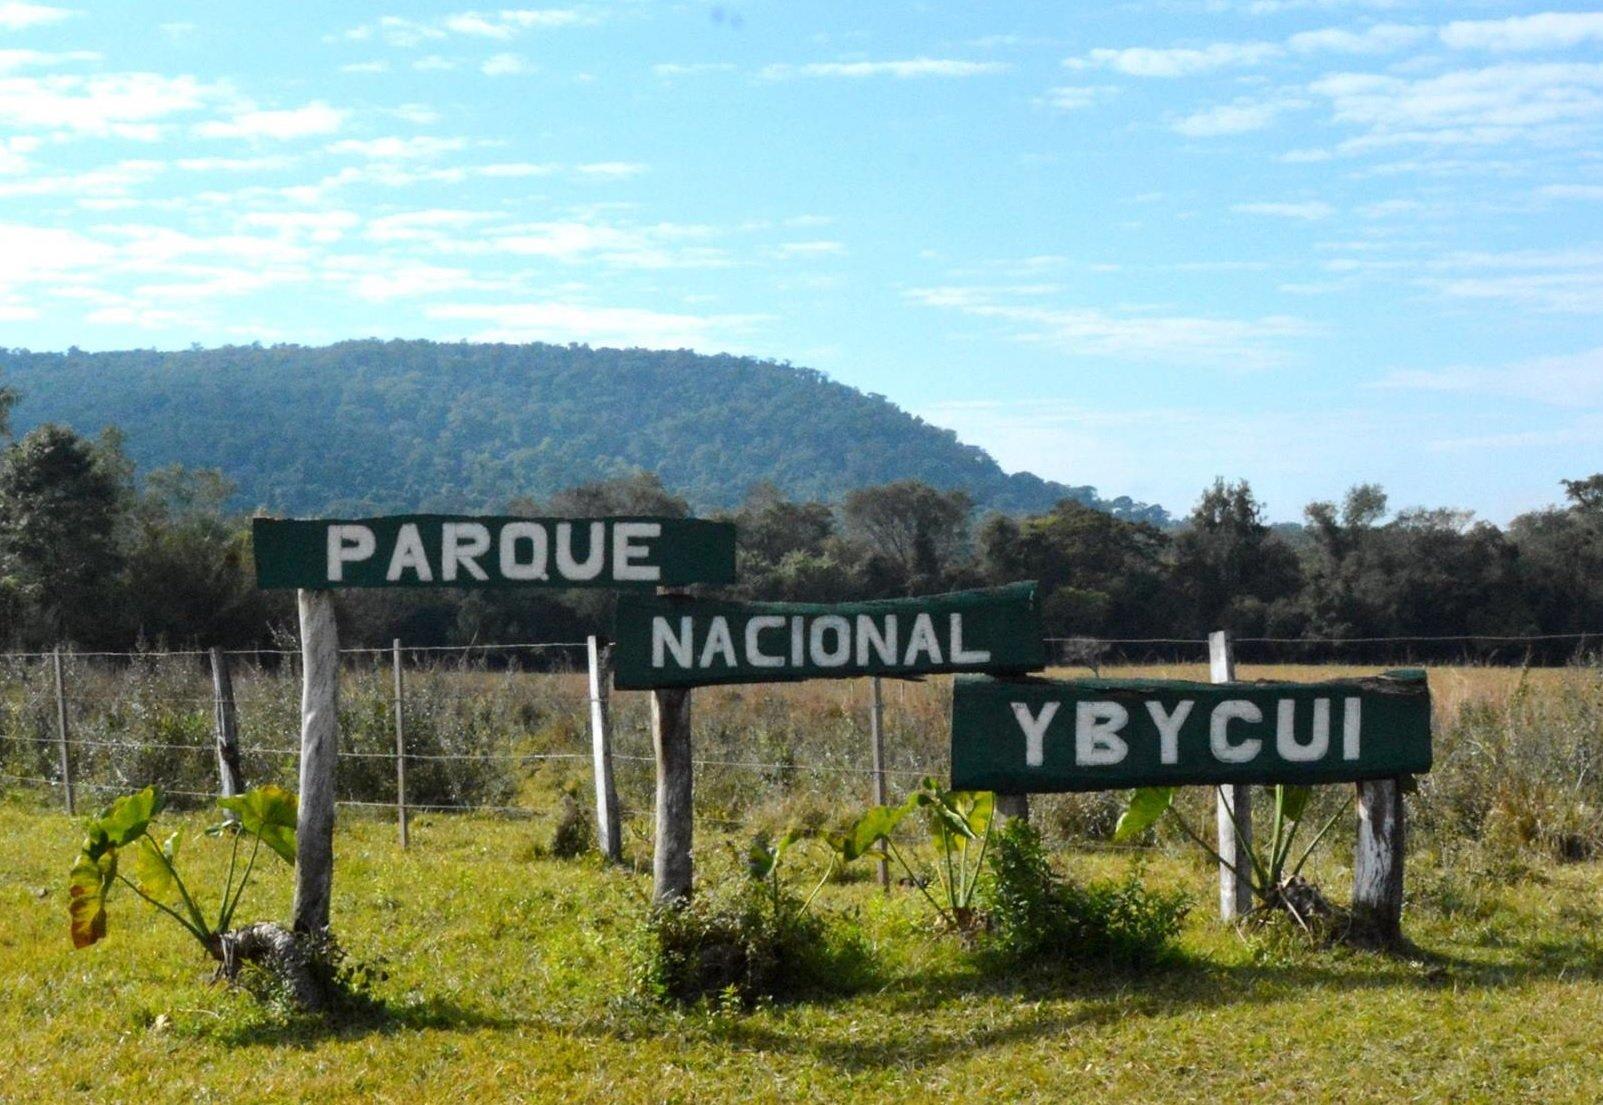 entrada parque nacional ybycui mades